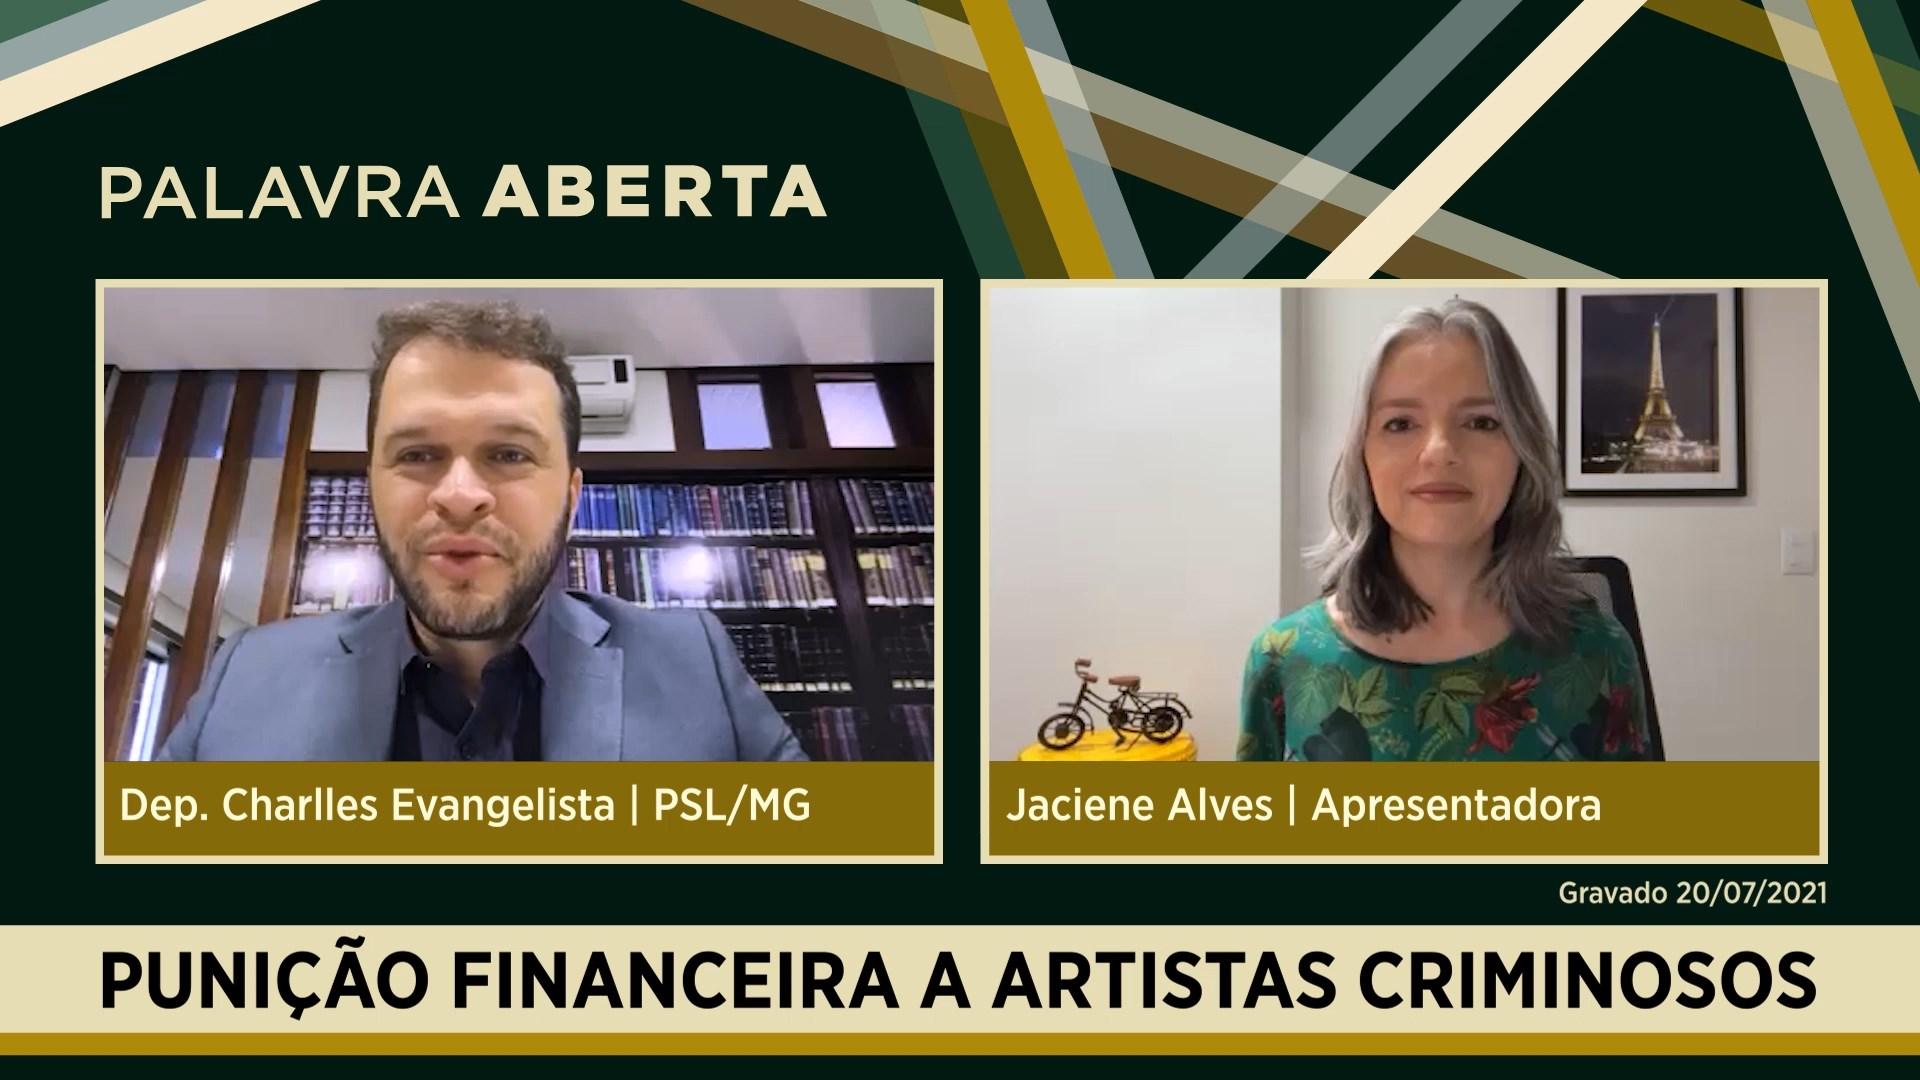 Punição financeira a artistas criminosos